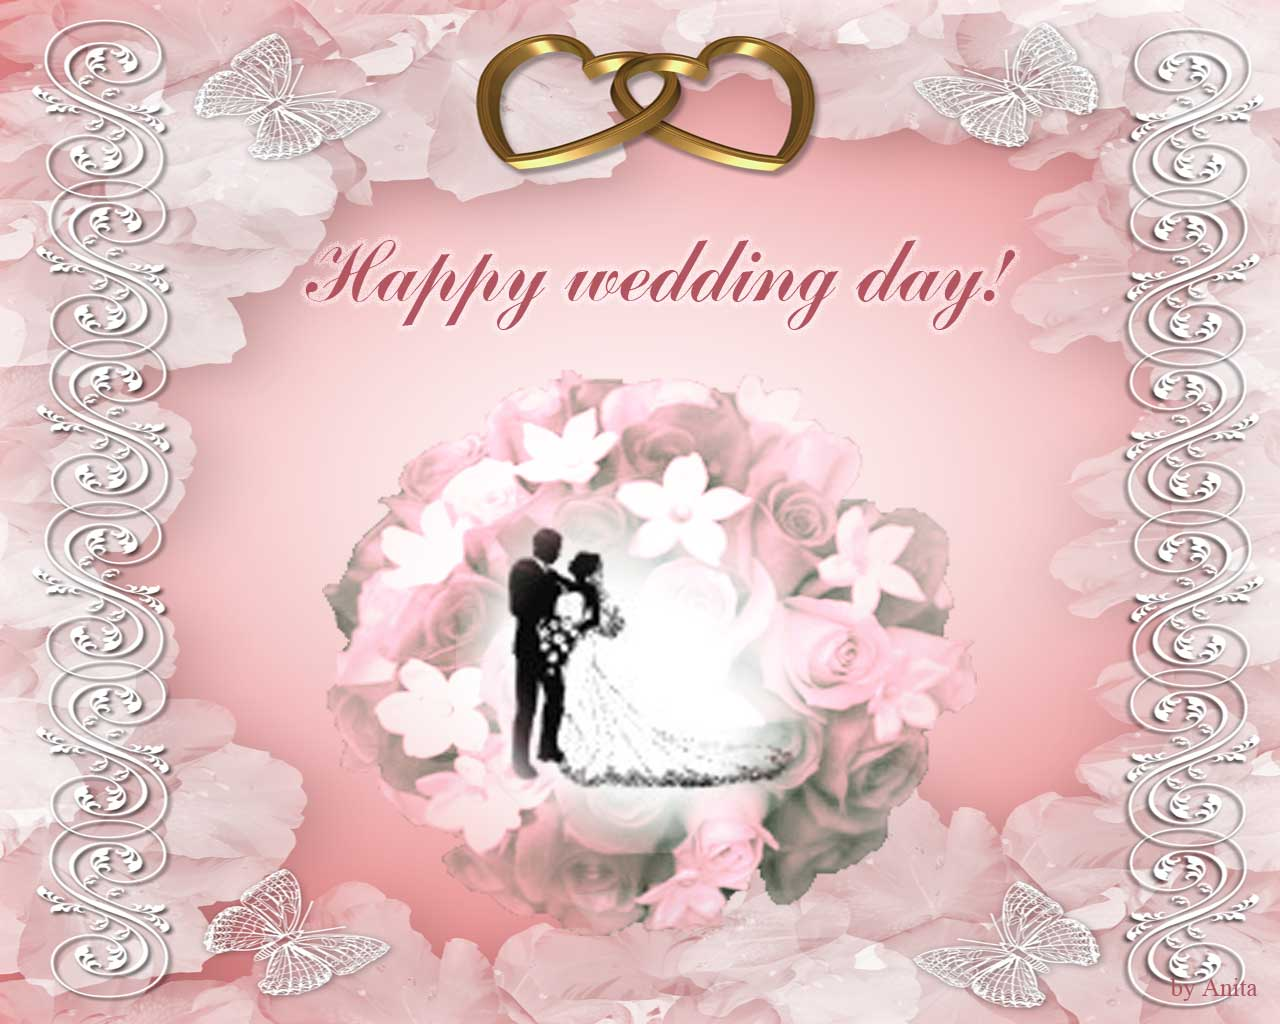 Happy wedding day wishes